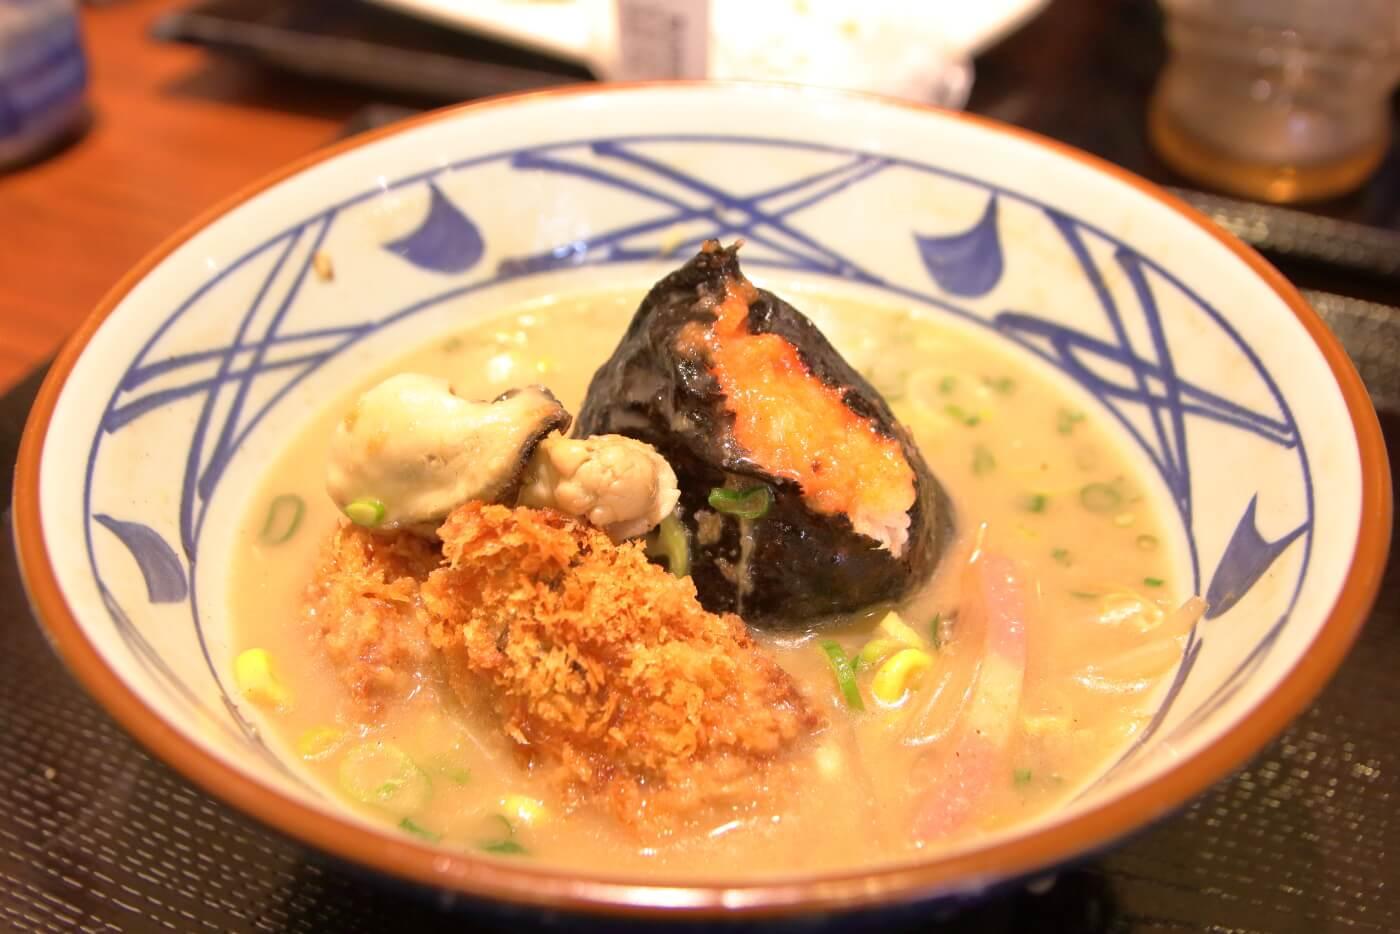 丸亀製麺 牡蠣ちゃんぽんのシメに明太子おにぎりとカキフライを投入して出汁茶漬け